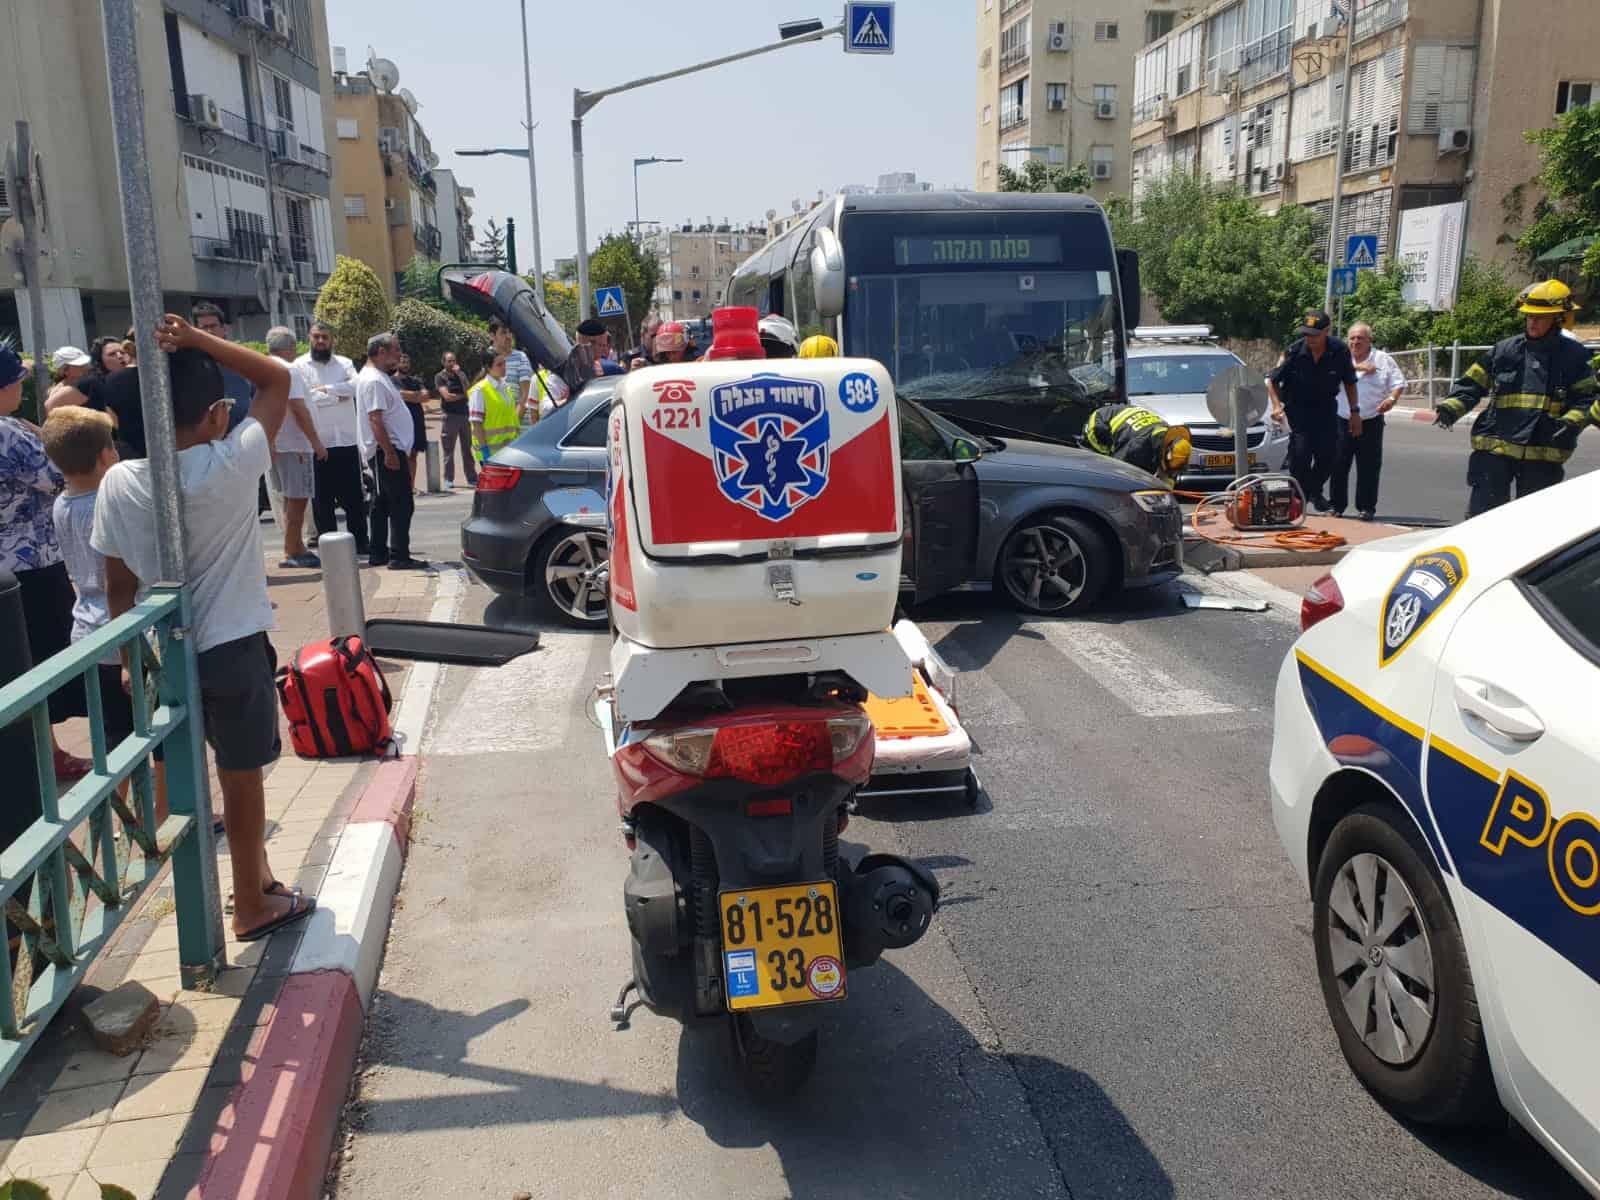 תאונה בבת ים בין רכב פרטי לאוטובוס, צילום: באדיבות דוברות איחוד הצלה